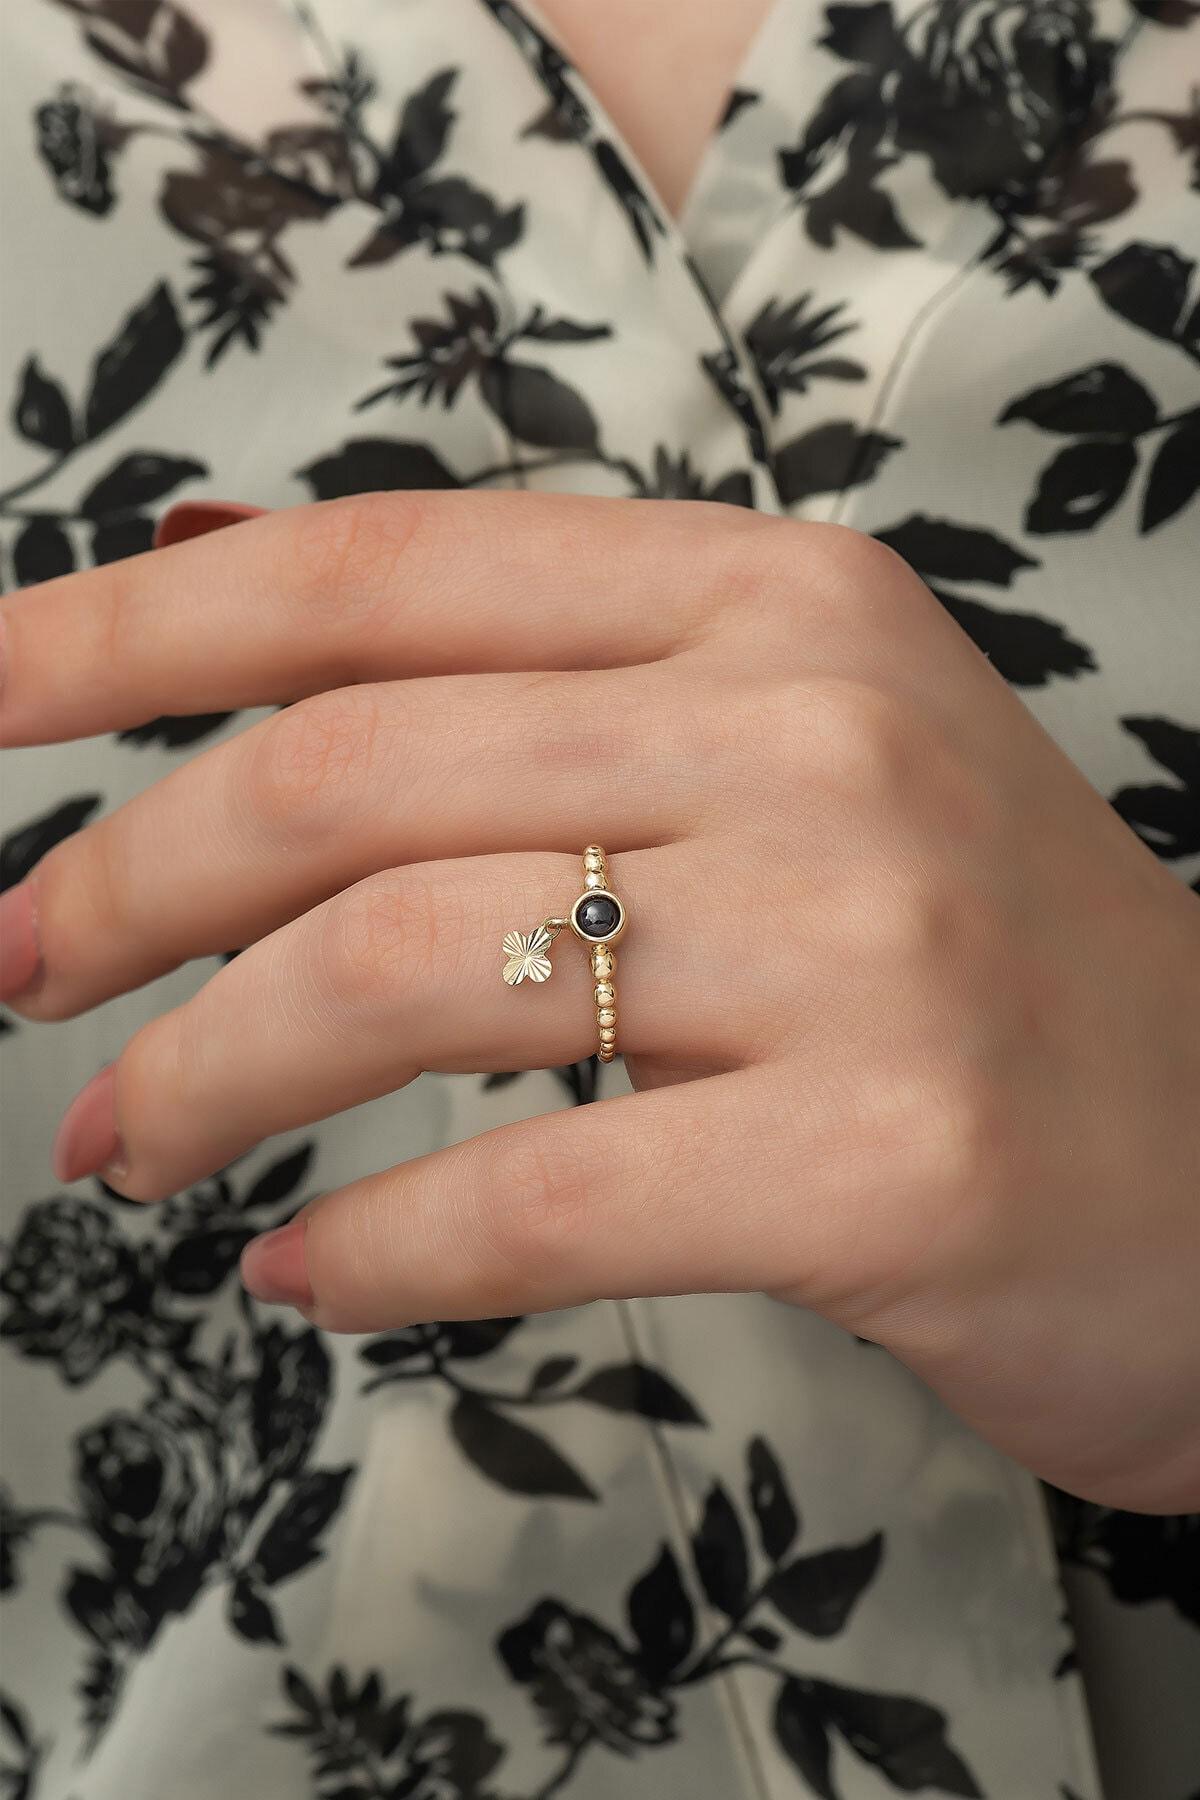 Papatya Silver 925 Ayar Gümüş Rose Altın Kaplama Ay Taşlı Yonca Motifli Kadın Yüzüğü 1